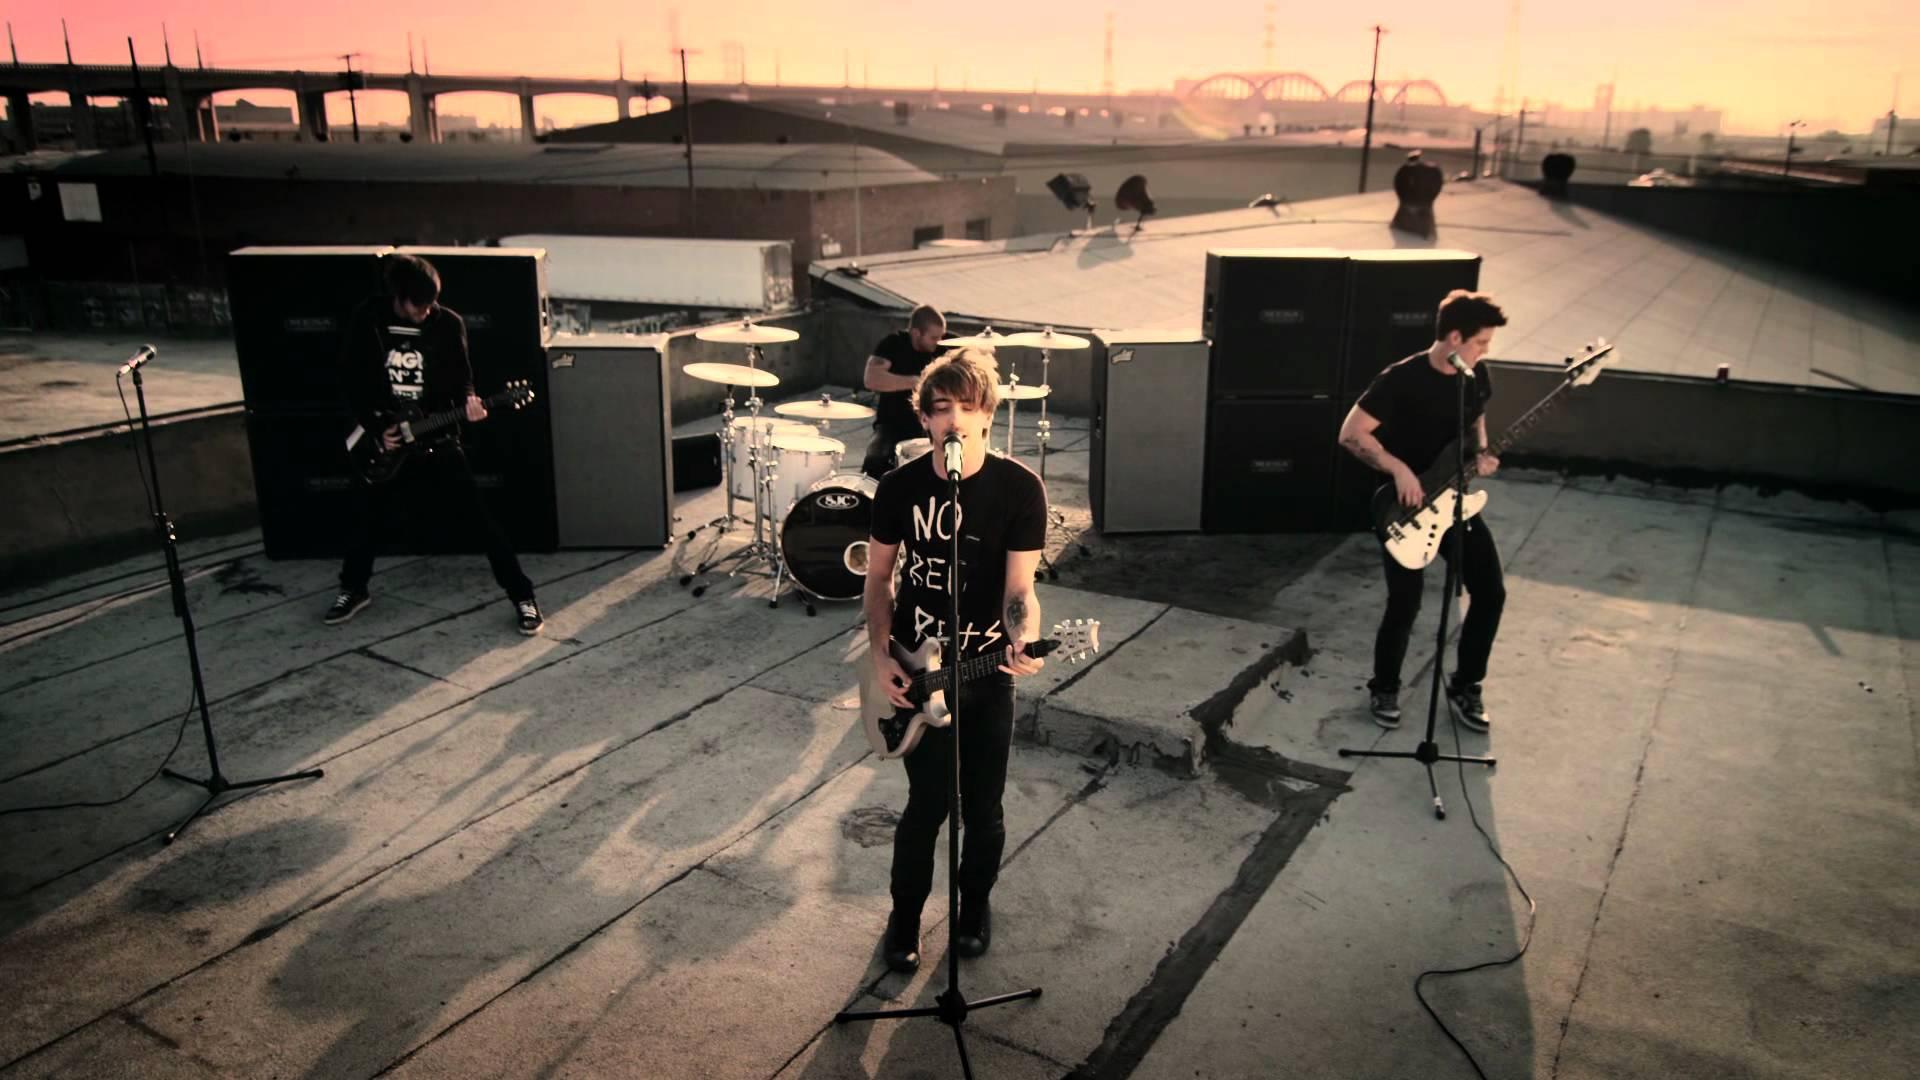 疾走感溢れるポップ・パンクバンド『All Time Low 人気曲ランキング』